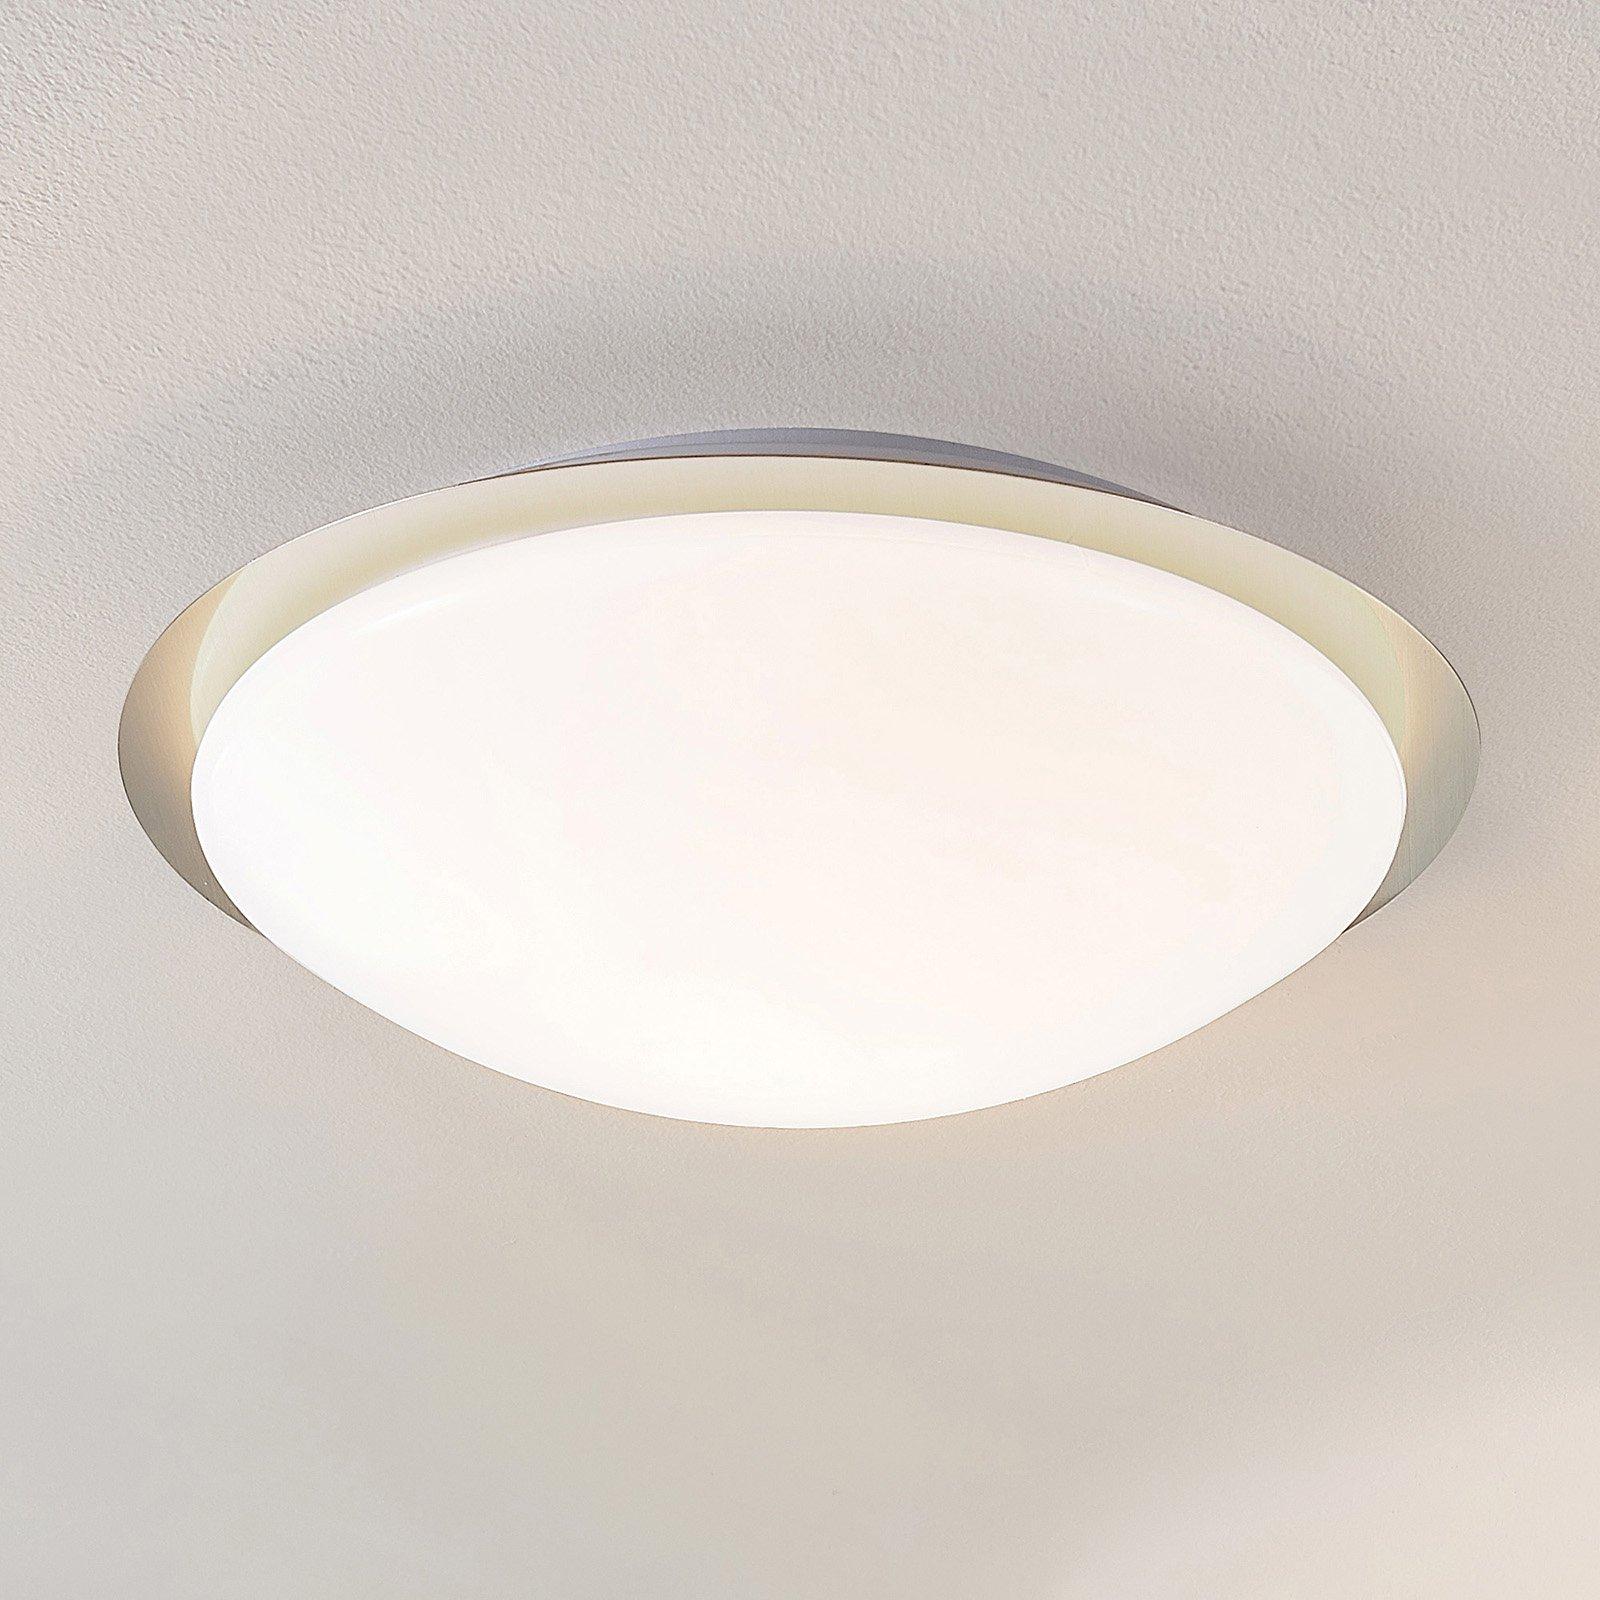 ELC Ocean LED-taklampe, 3 000 K